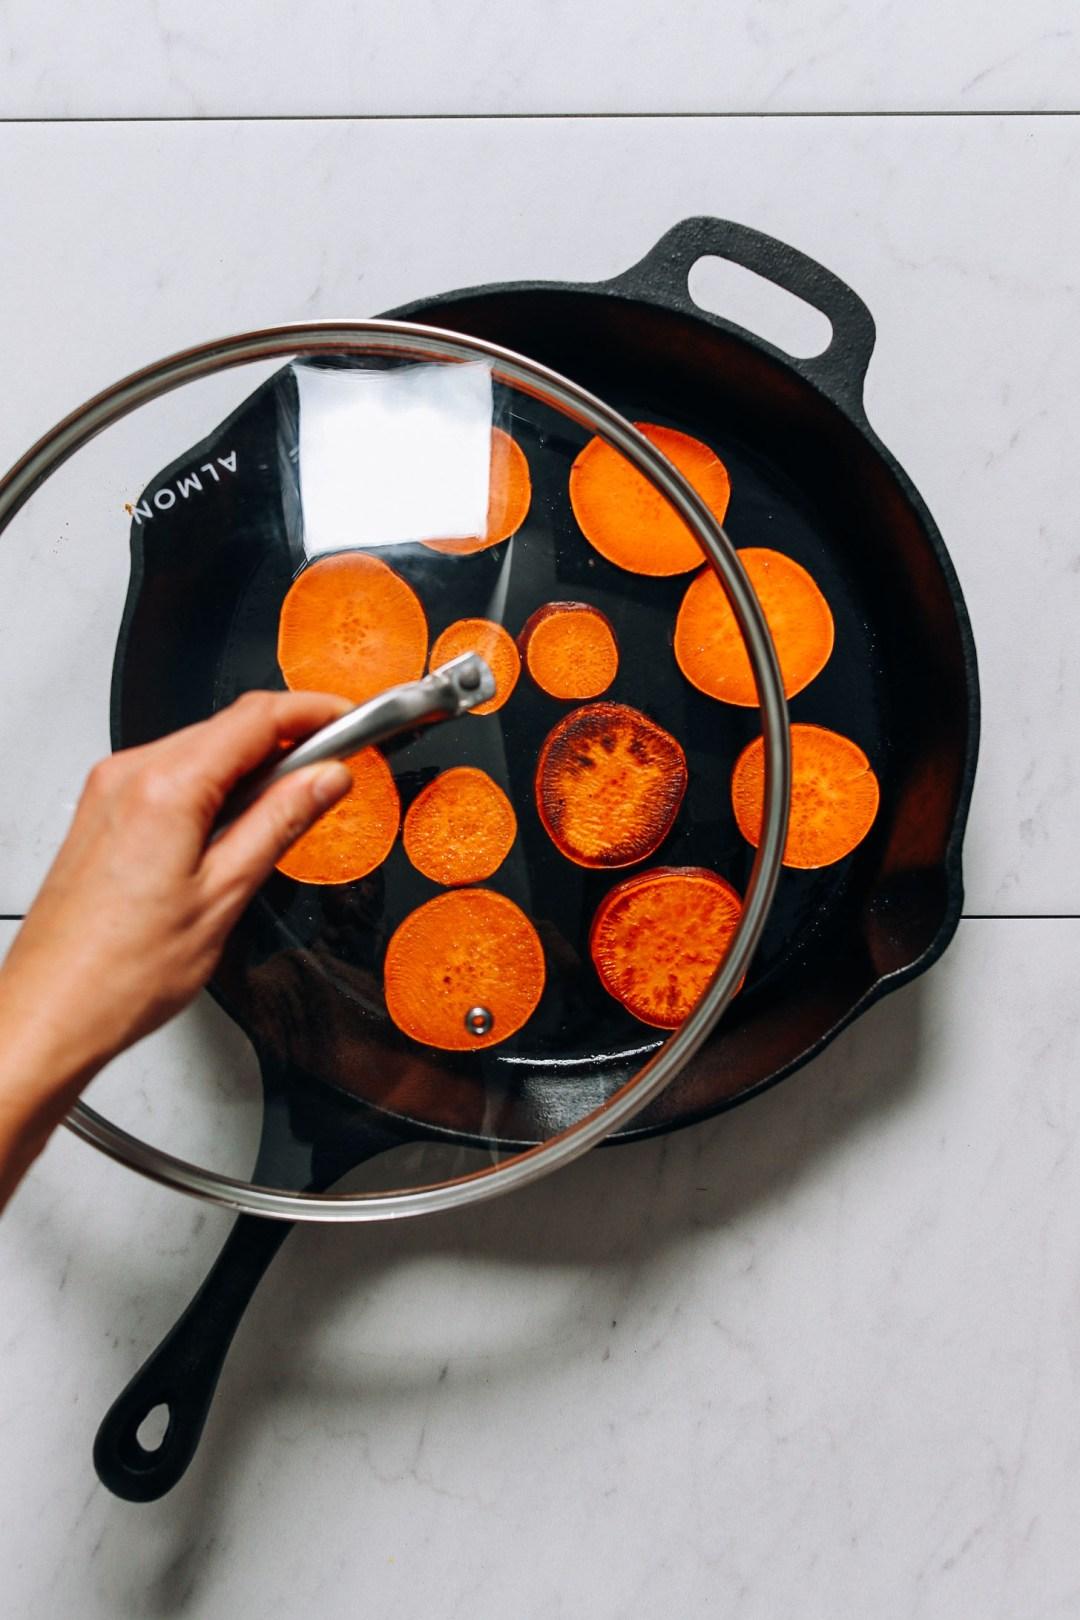 Cubriendo una sartén de batatas para ayudarlos a cocinar completamente